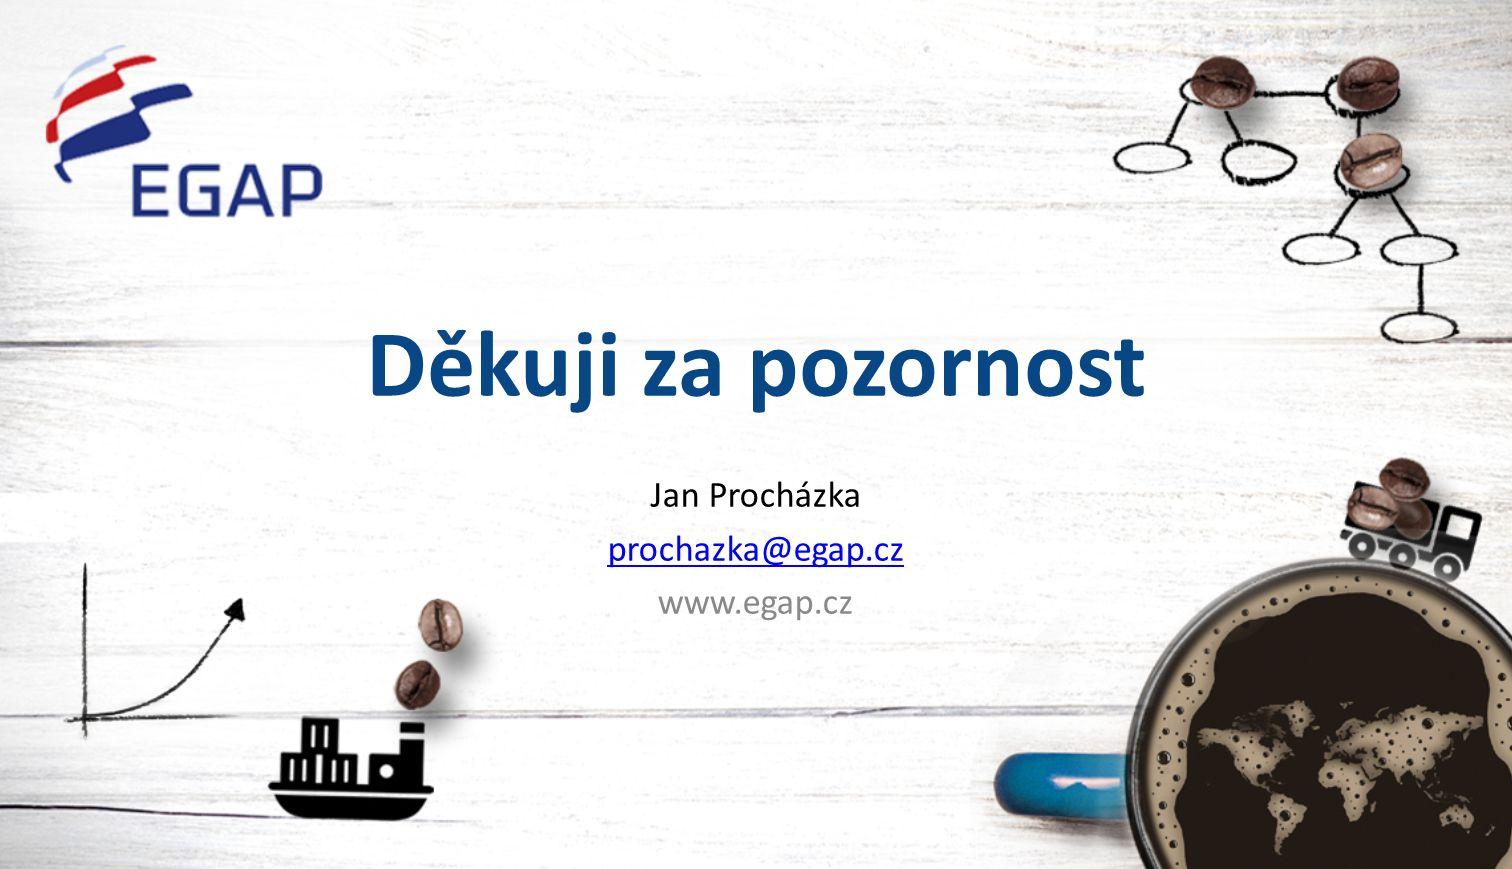 Děkuji za pozornost Jan Procházka prochazka@egap.cz www.egap.cz